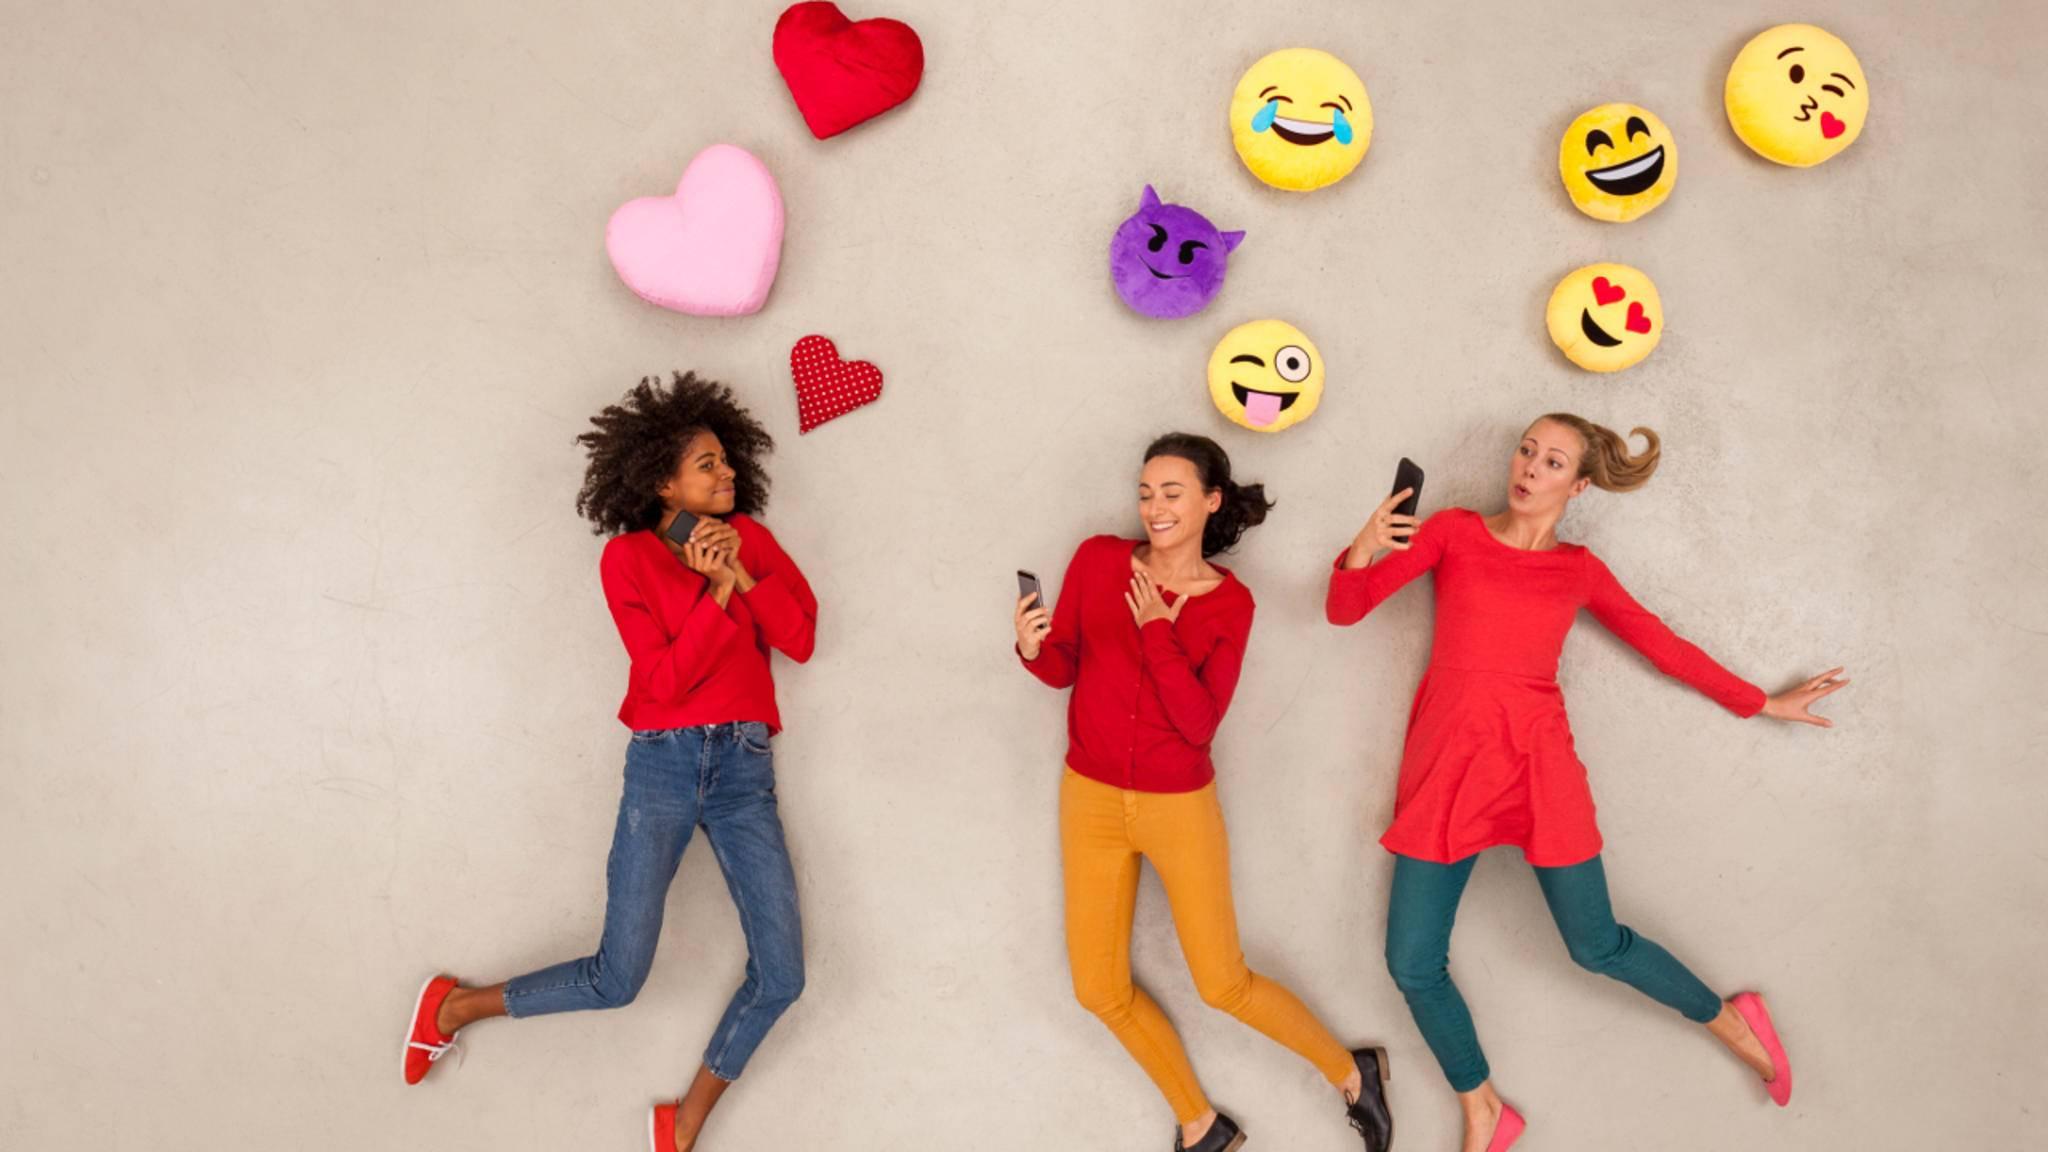 Emojis sind aus unserer Kommunikation nicht mehr wegzudenken.